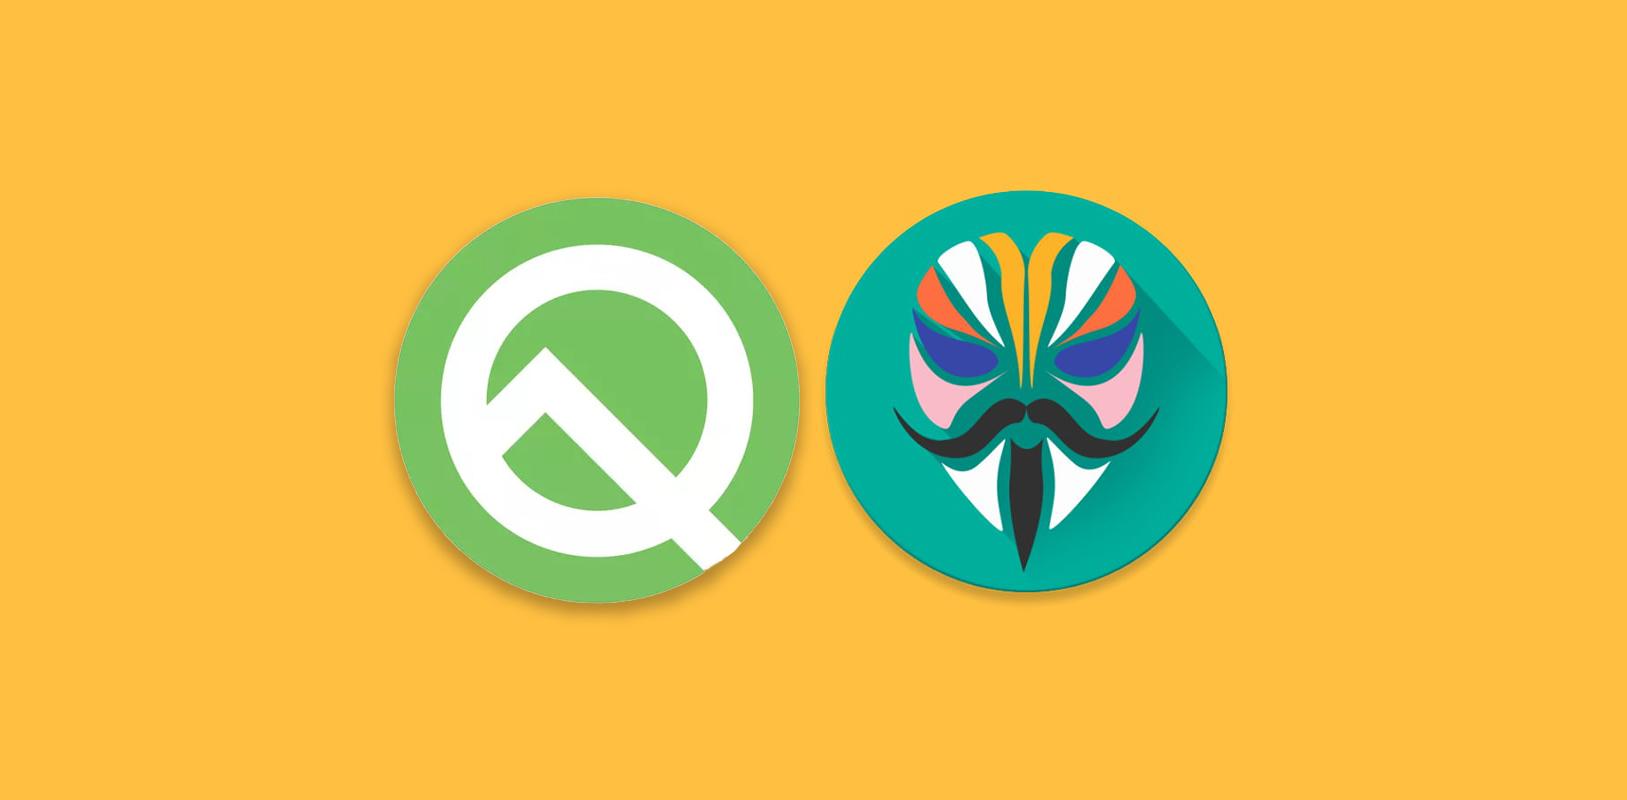 Magisk si aggiorna: ora va a braccetto con Android 10 e con le partizioni compatibili con Project Treble